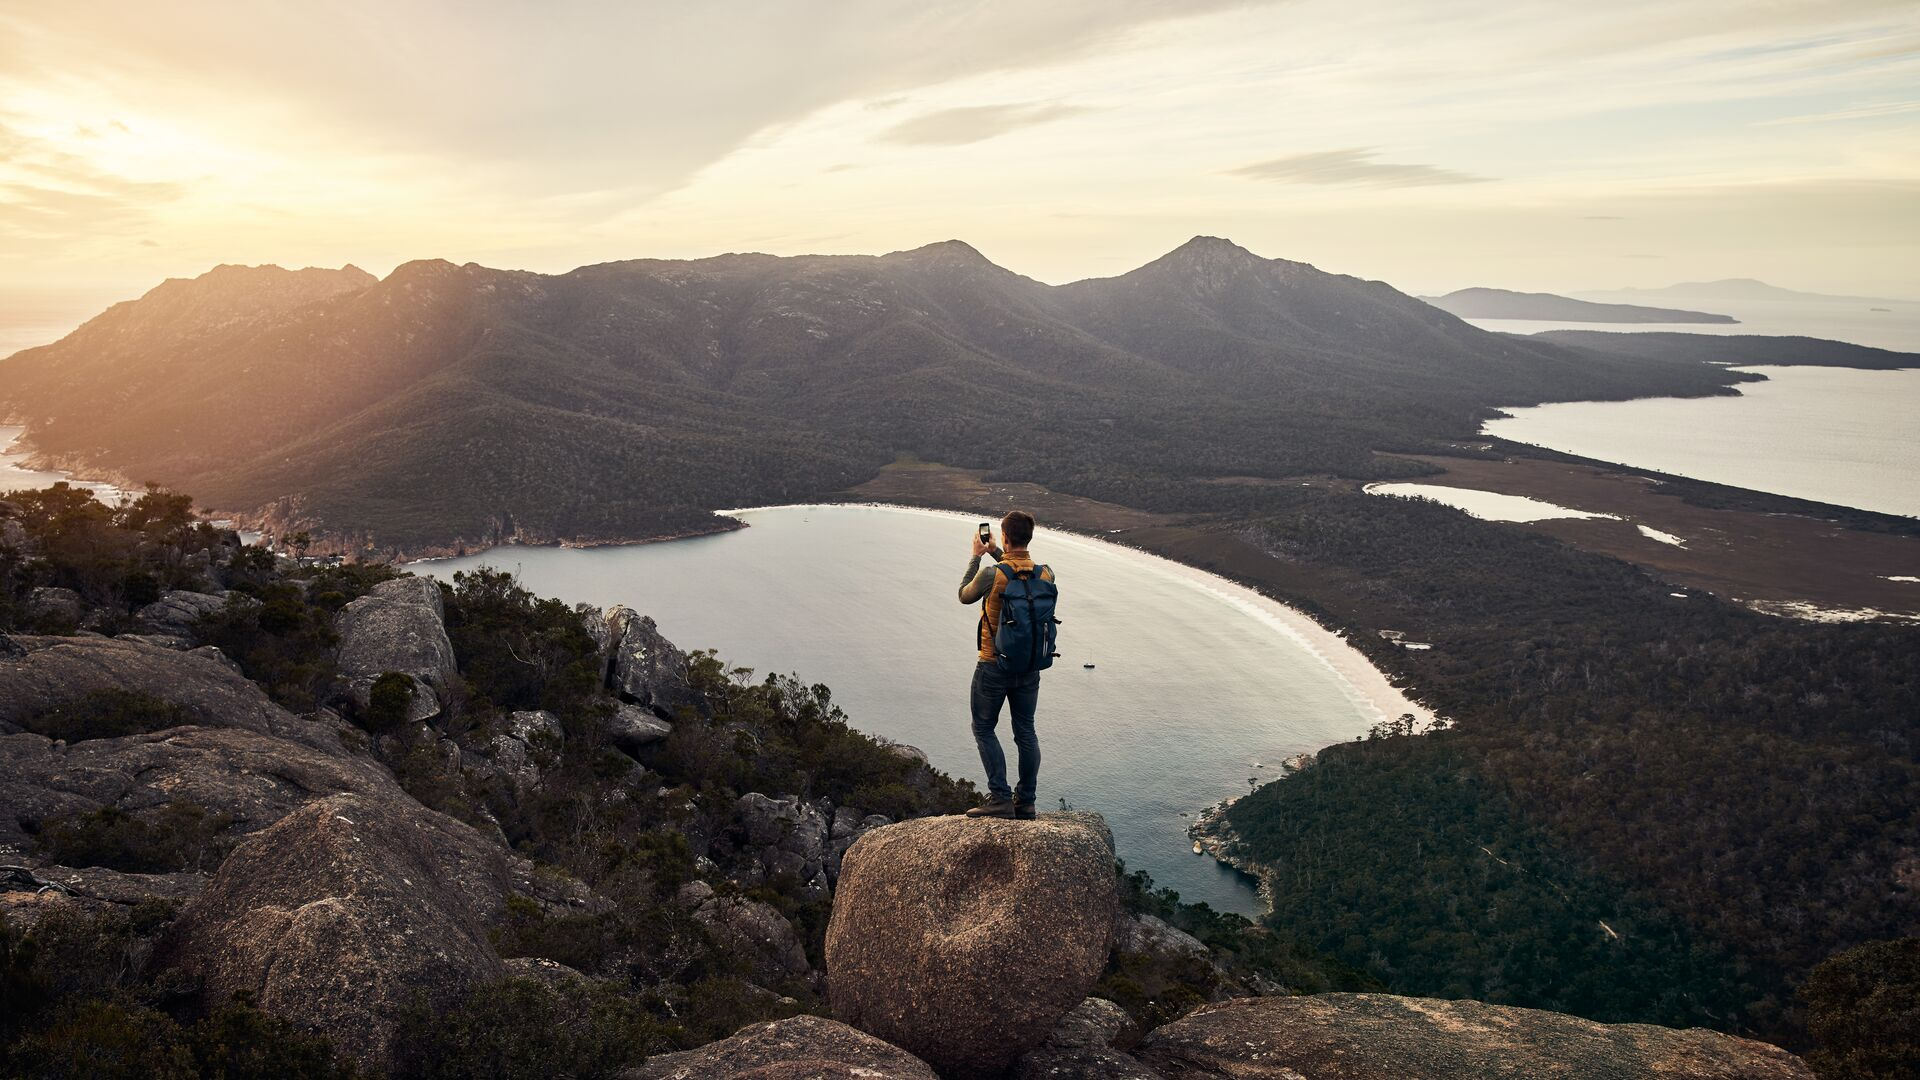 Ein Mann mit Wanderausrüstung steht auf einem Bergfels und macht ein Foto vom See, der darunter liegt.